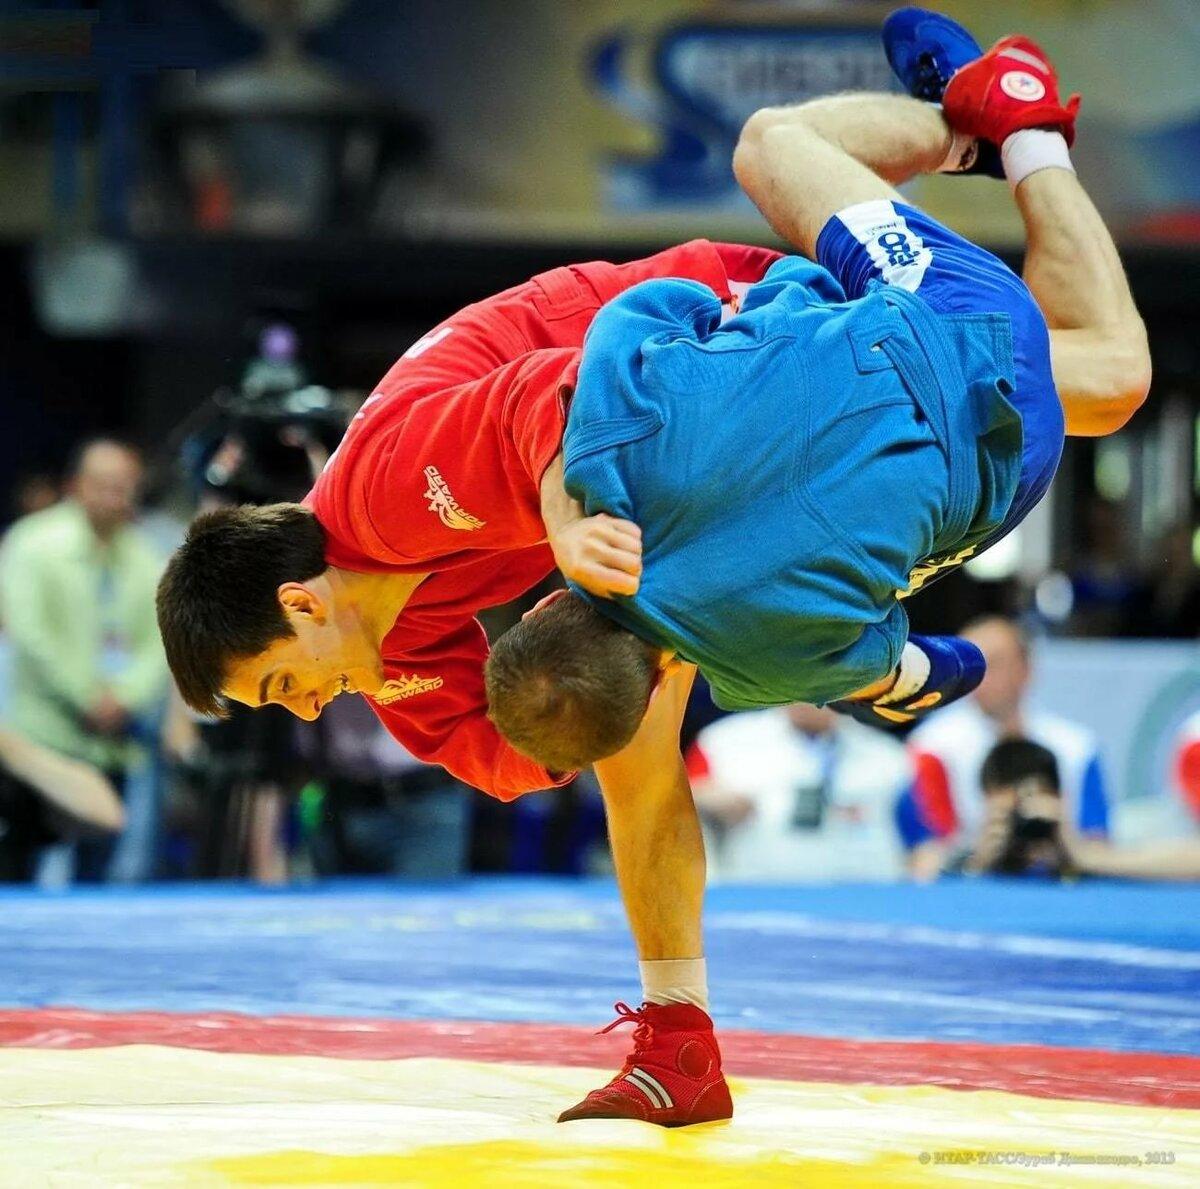 самбо спорт фото обычно образуются